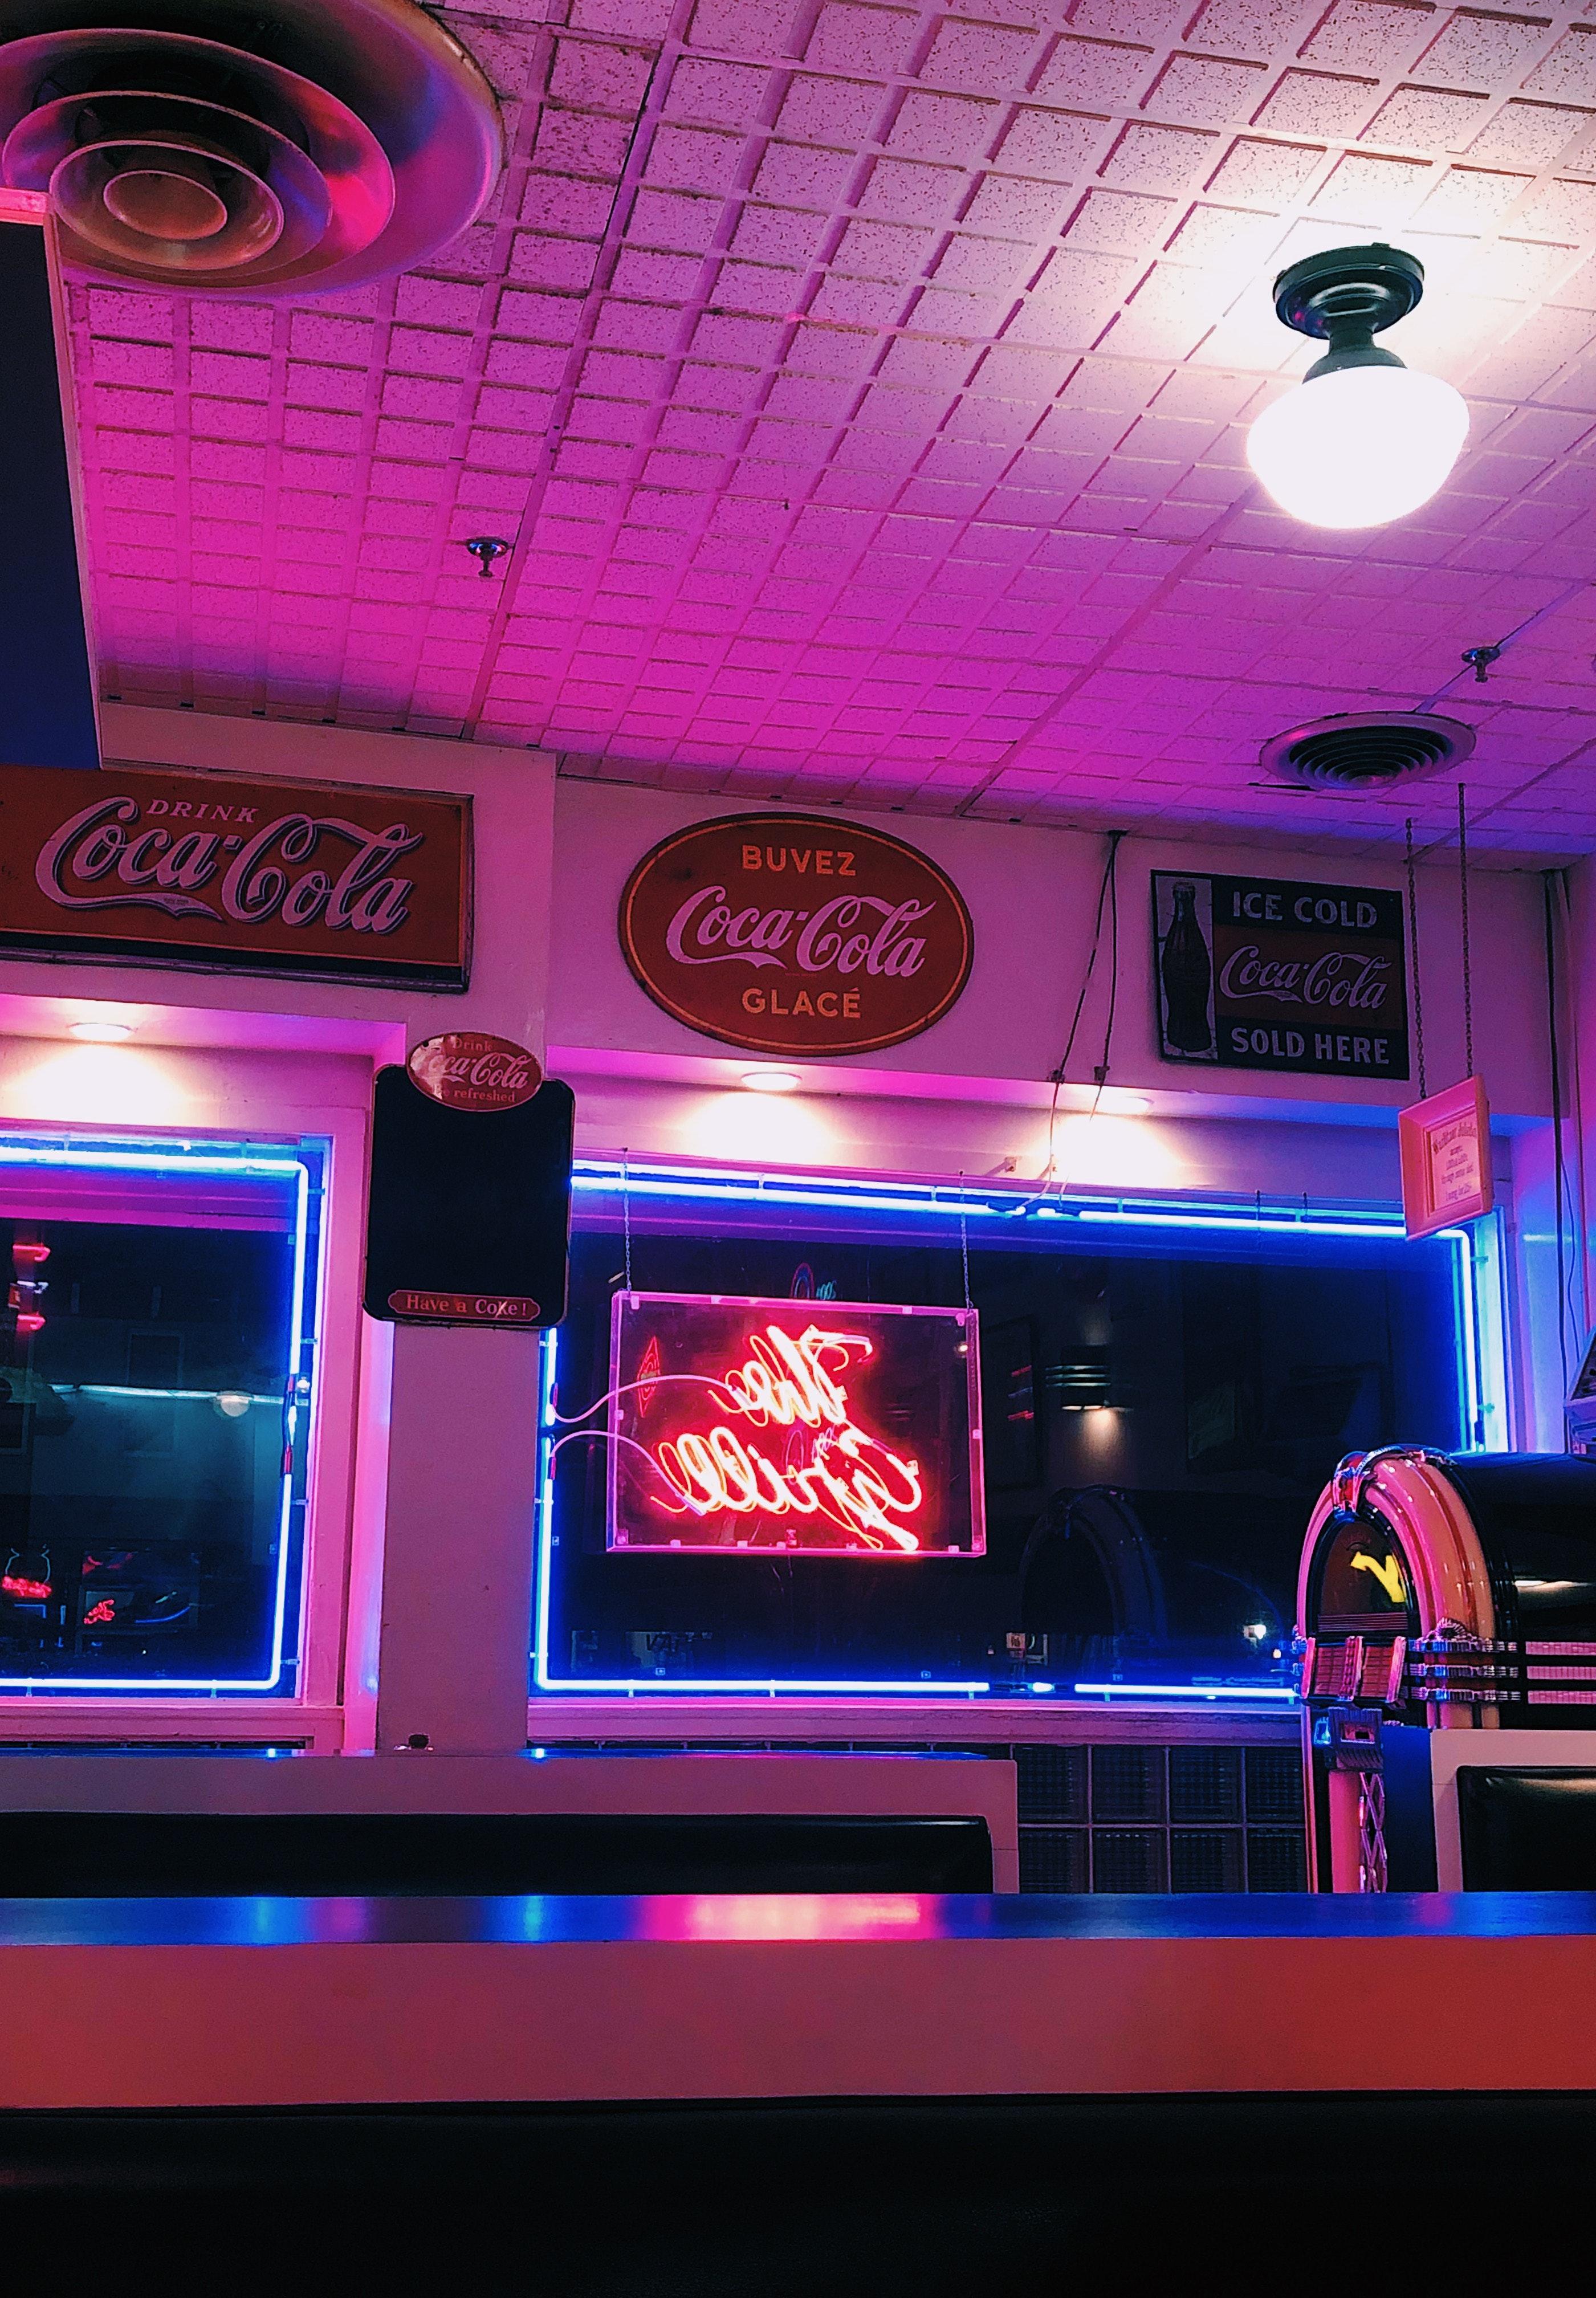 coca-cola-signage-2418480.jpg